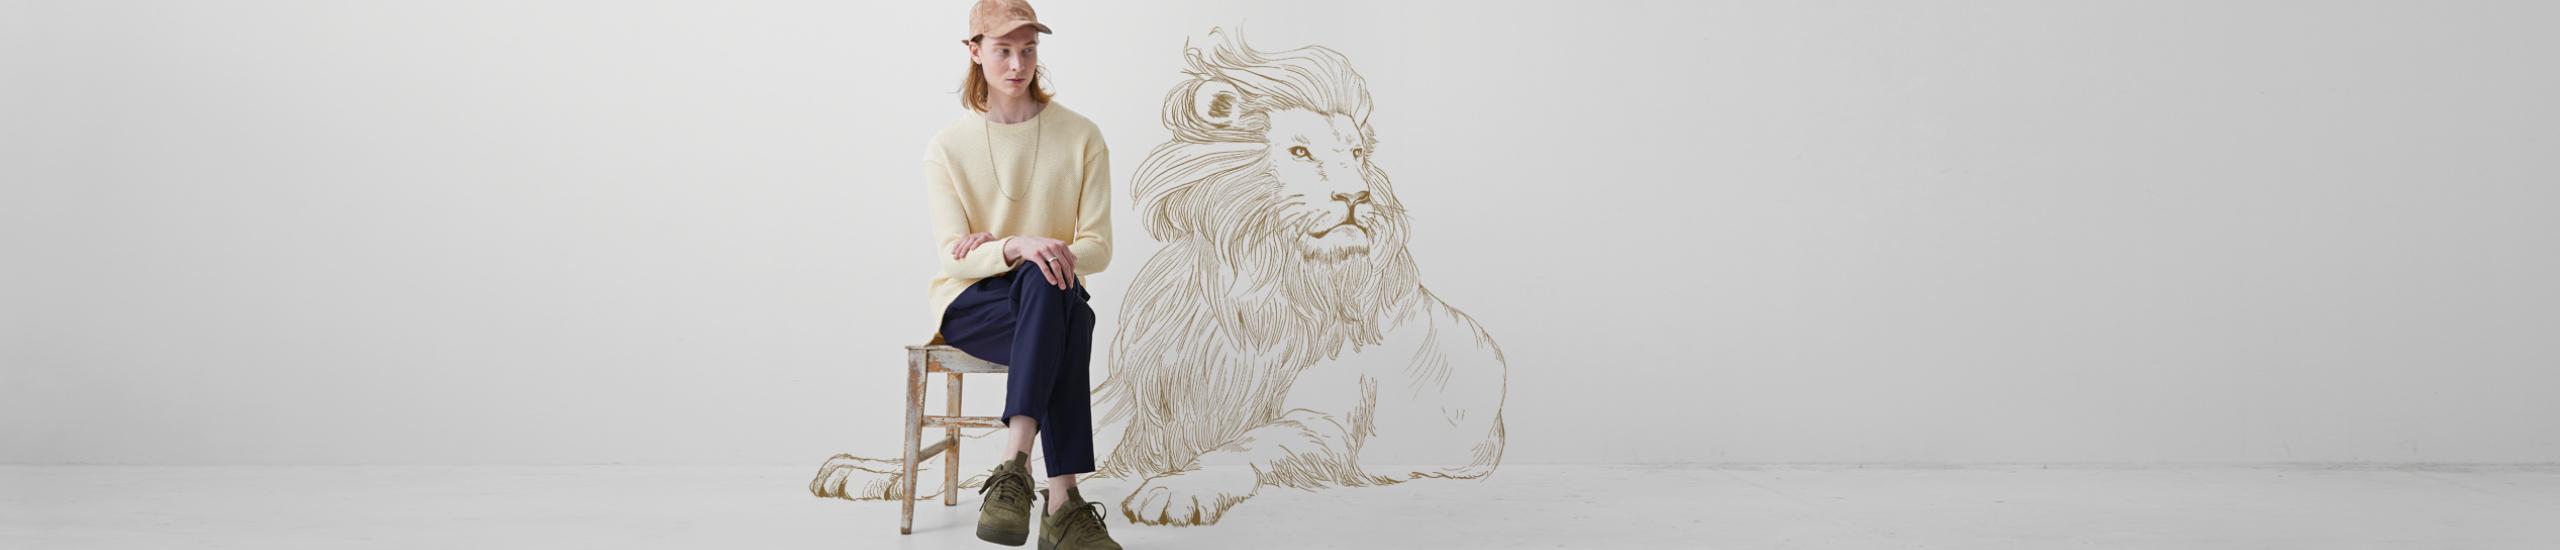 メンズアクセサリーはLION HEART(ライオンハート)|ライオンハート 公式ECショップ